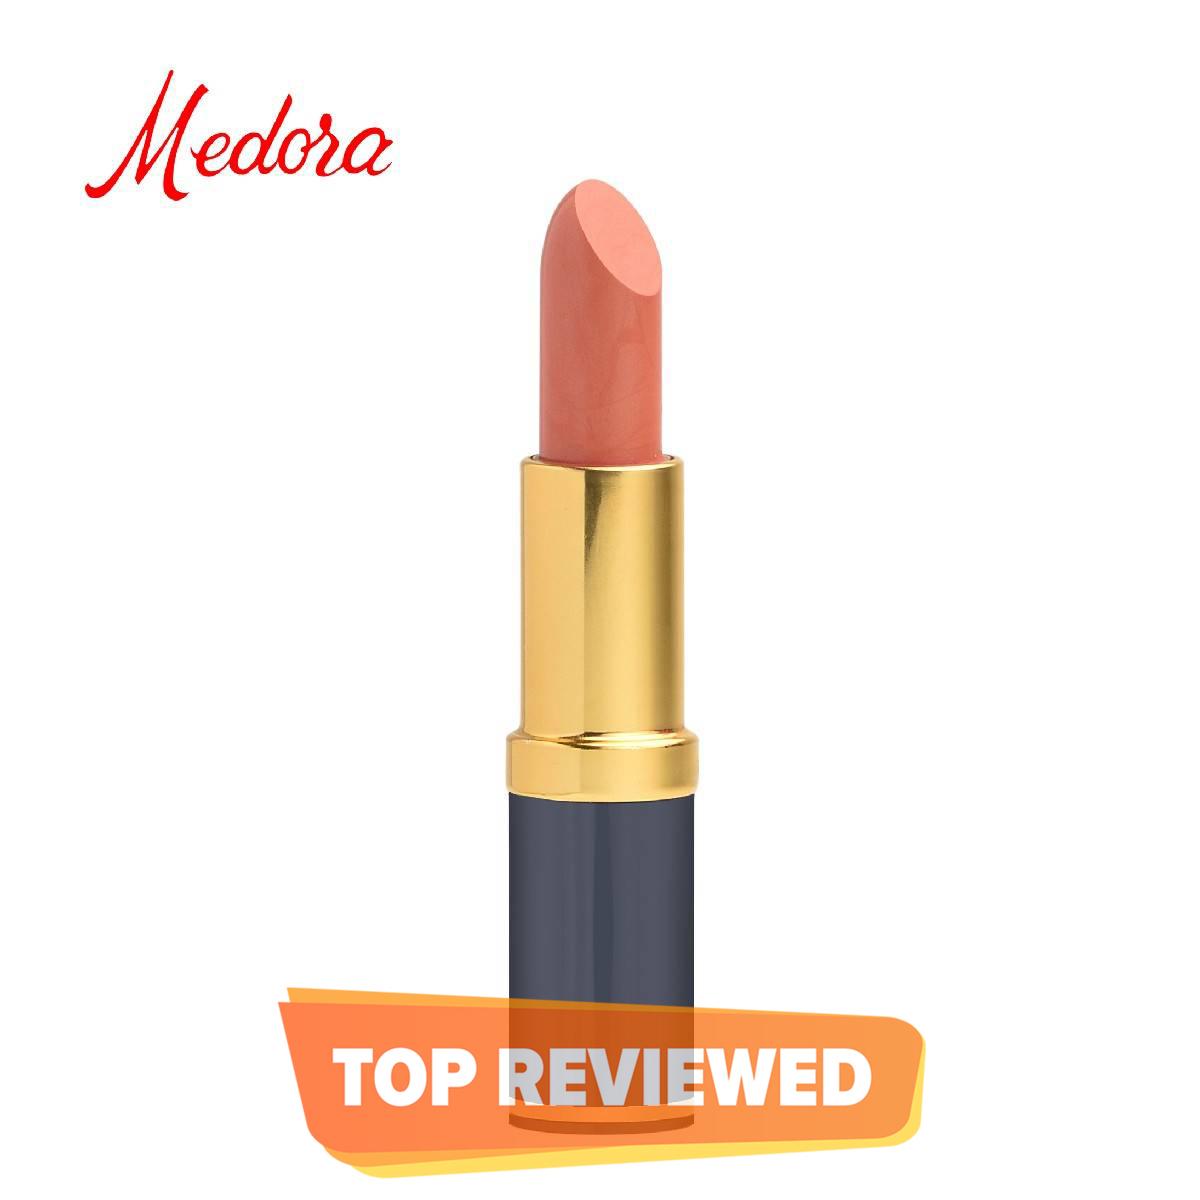 MEDORA Matte Lipstick- 566 CORAL PASSION